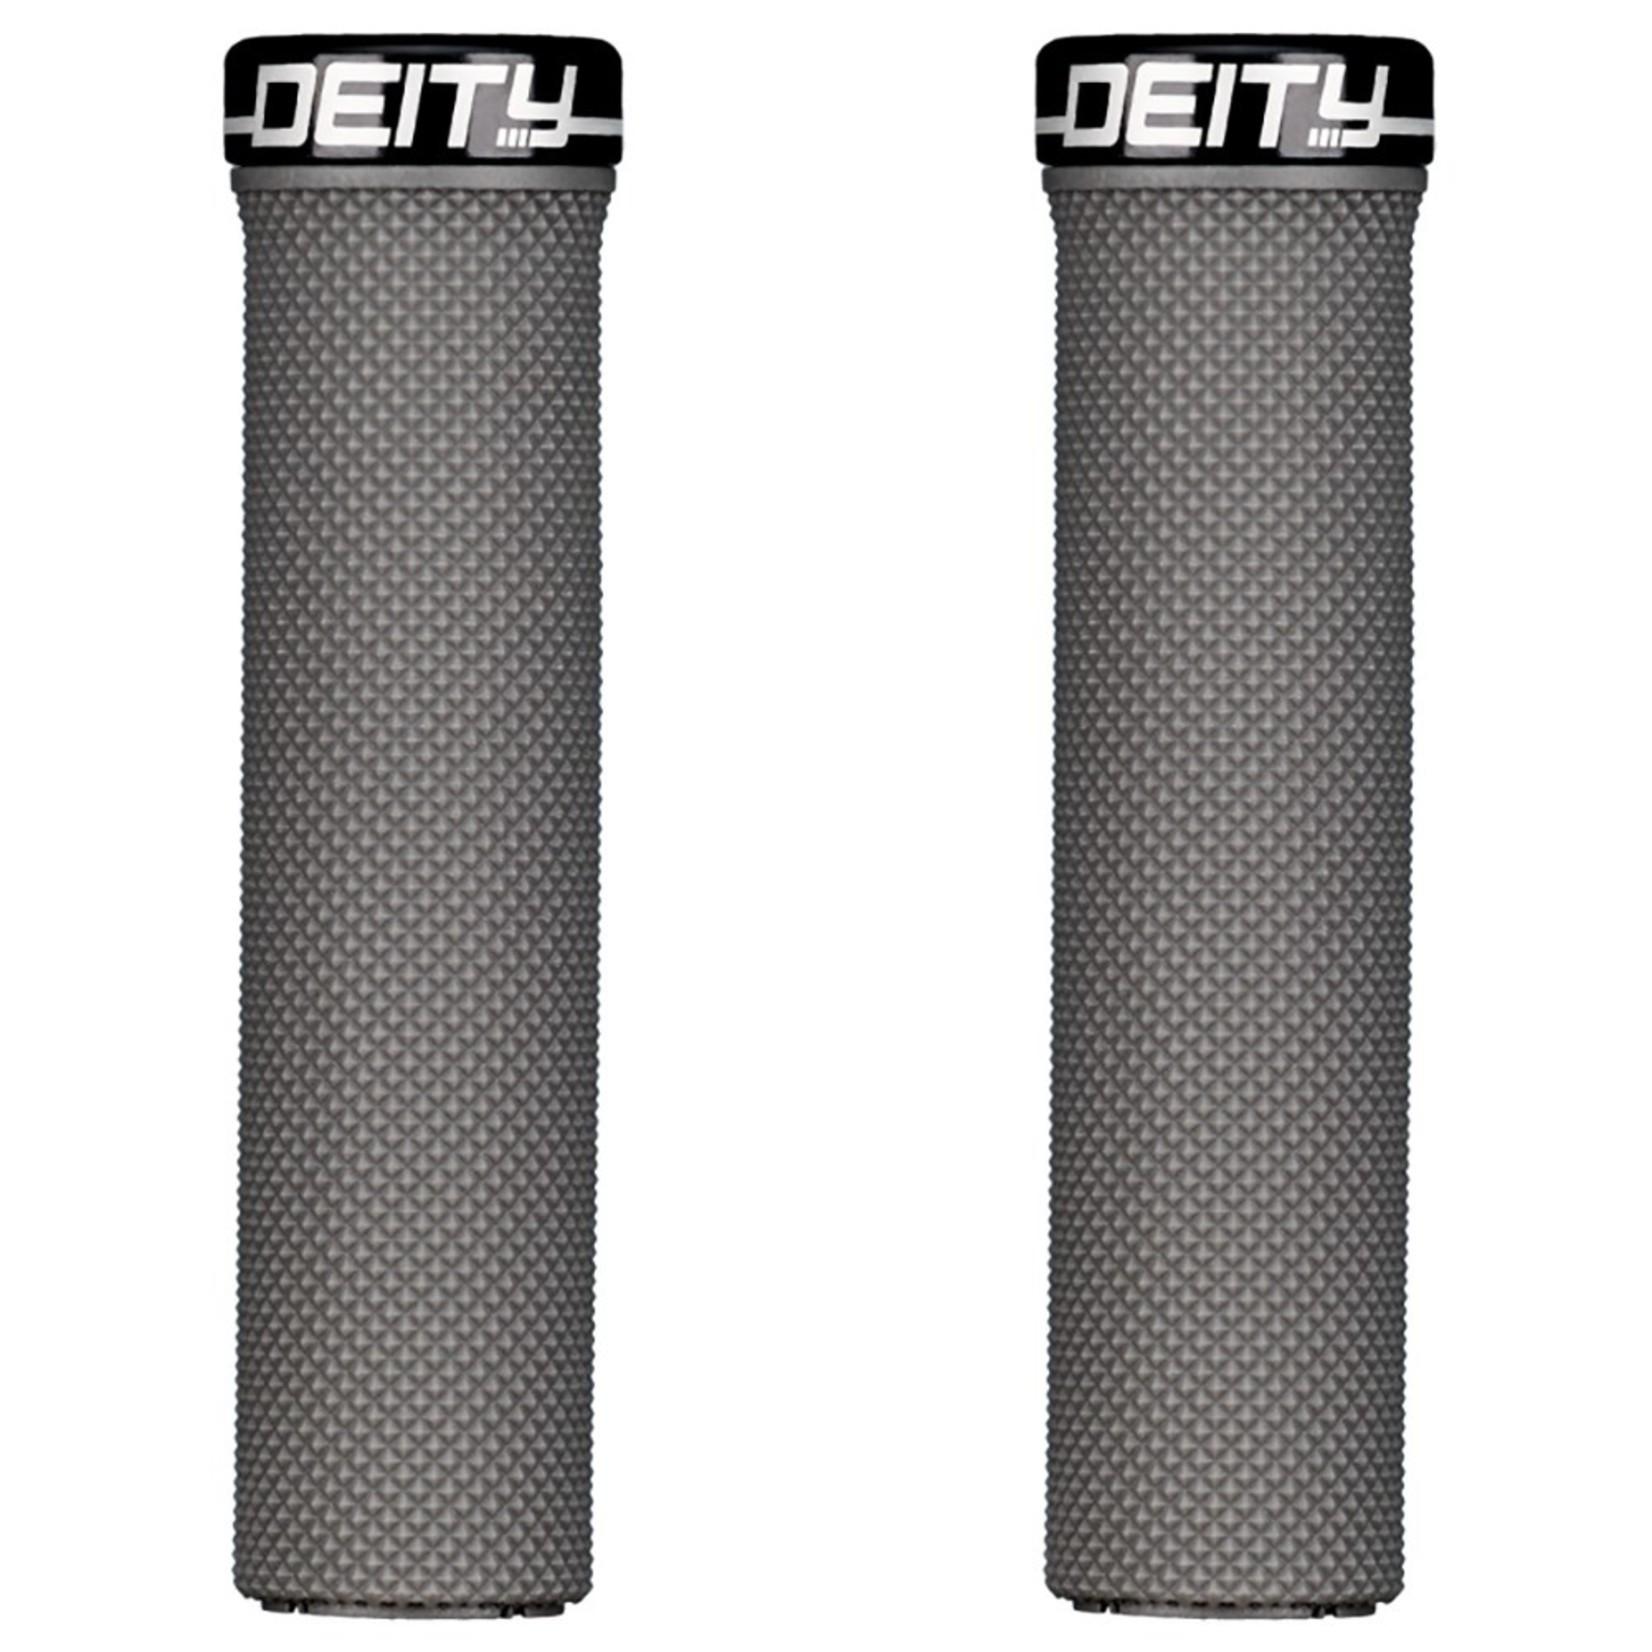 Deity Deity, Waypoint Lock-On Grip